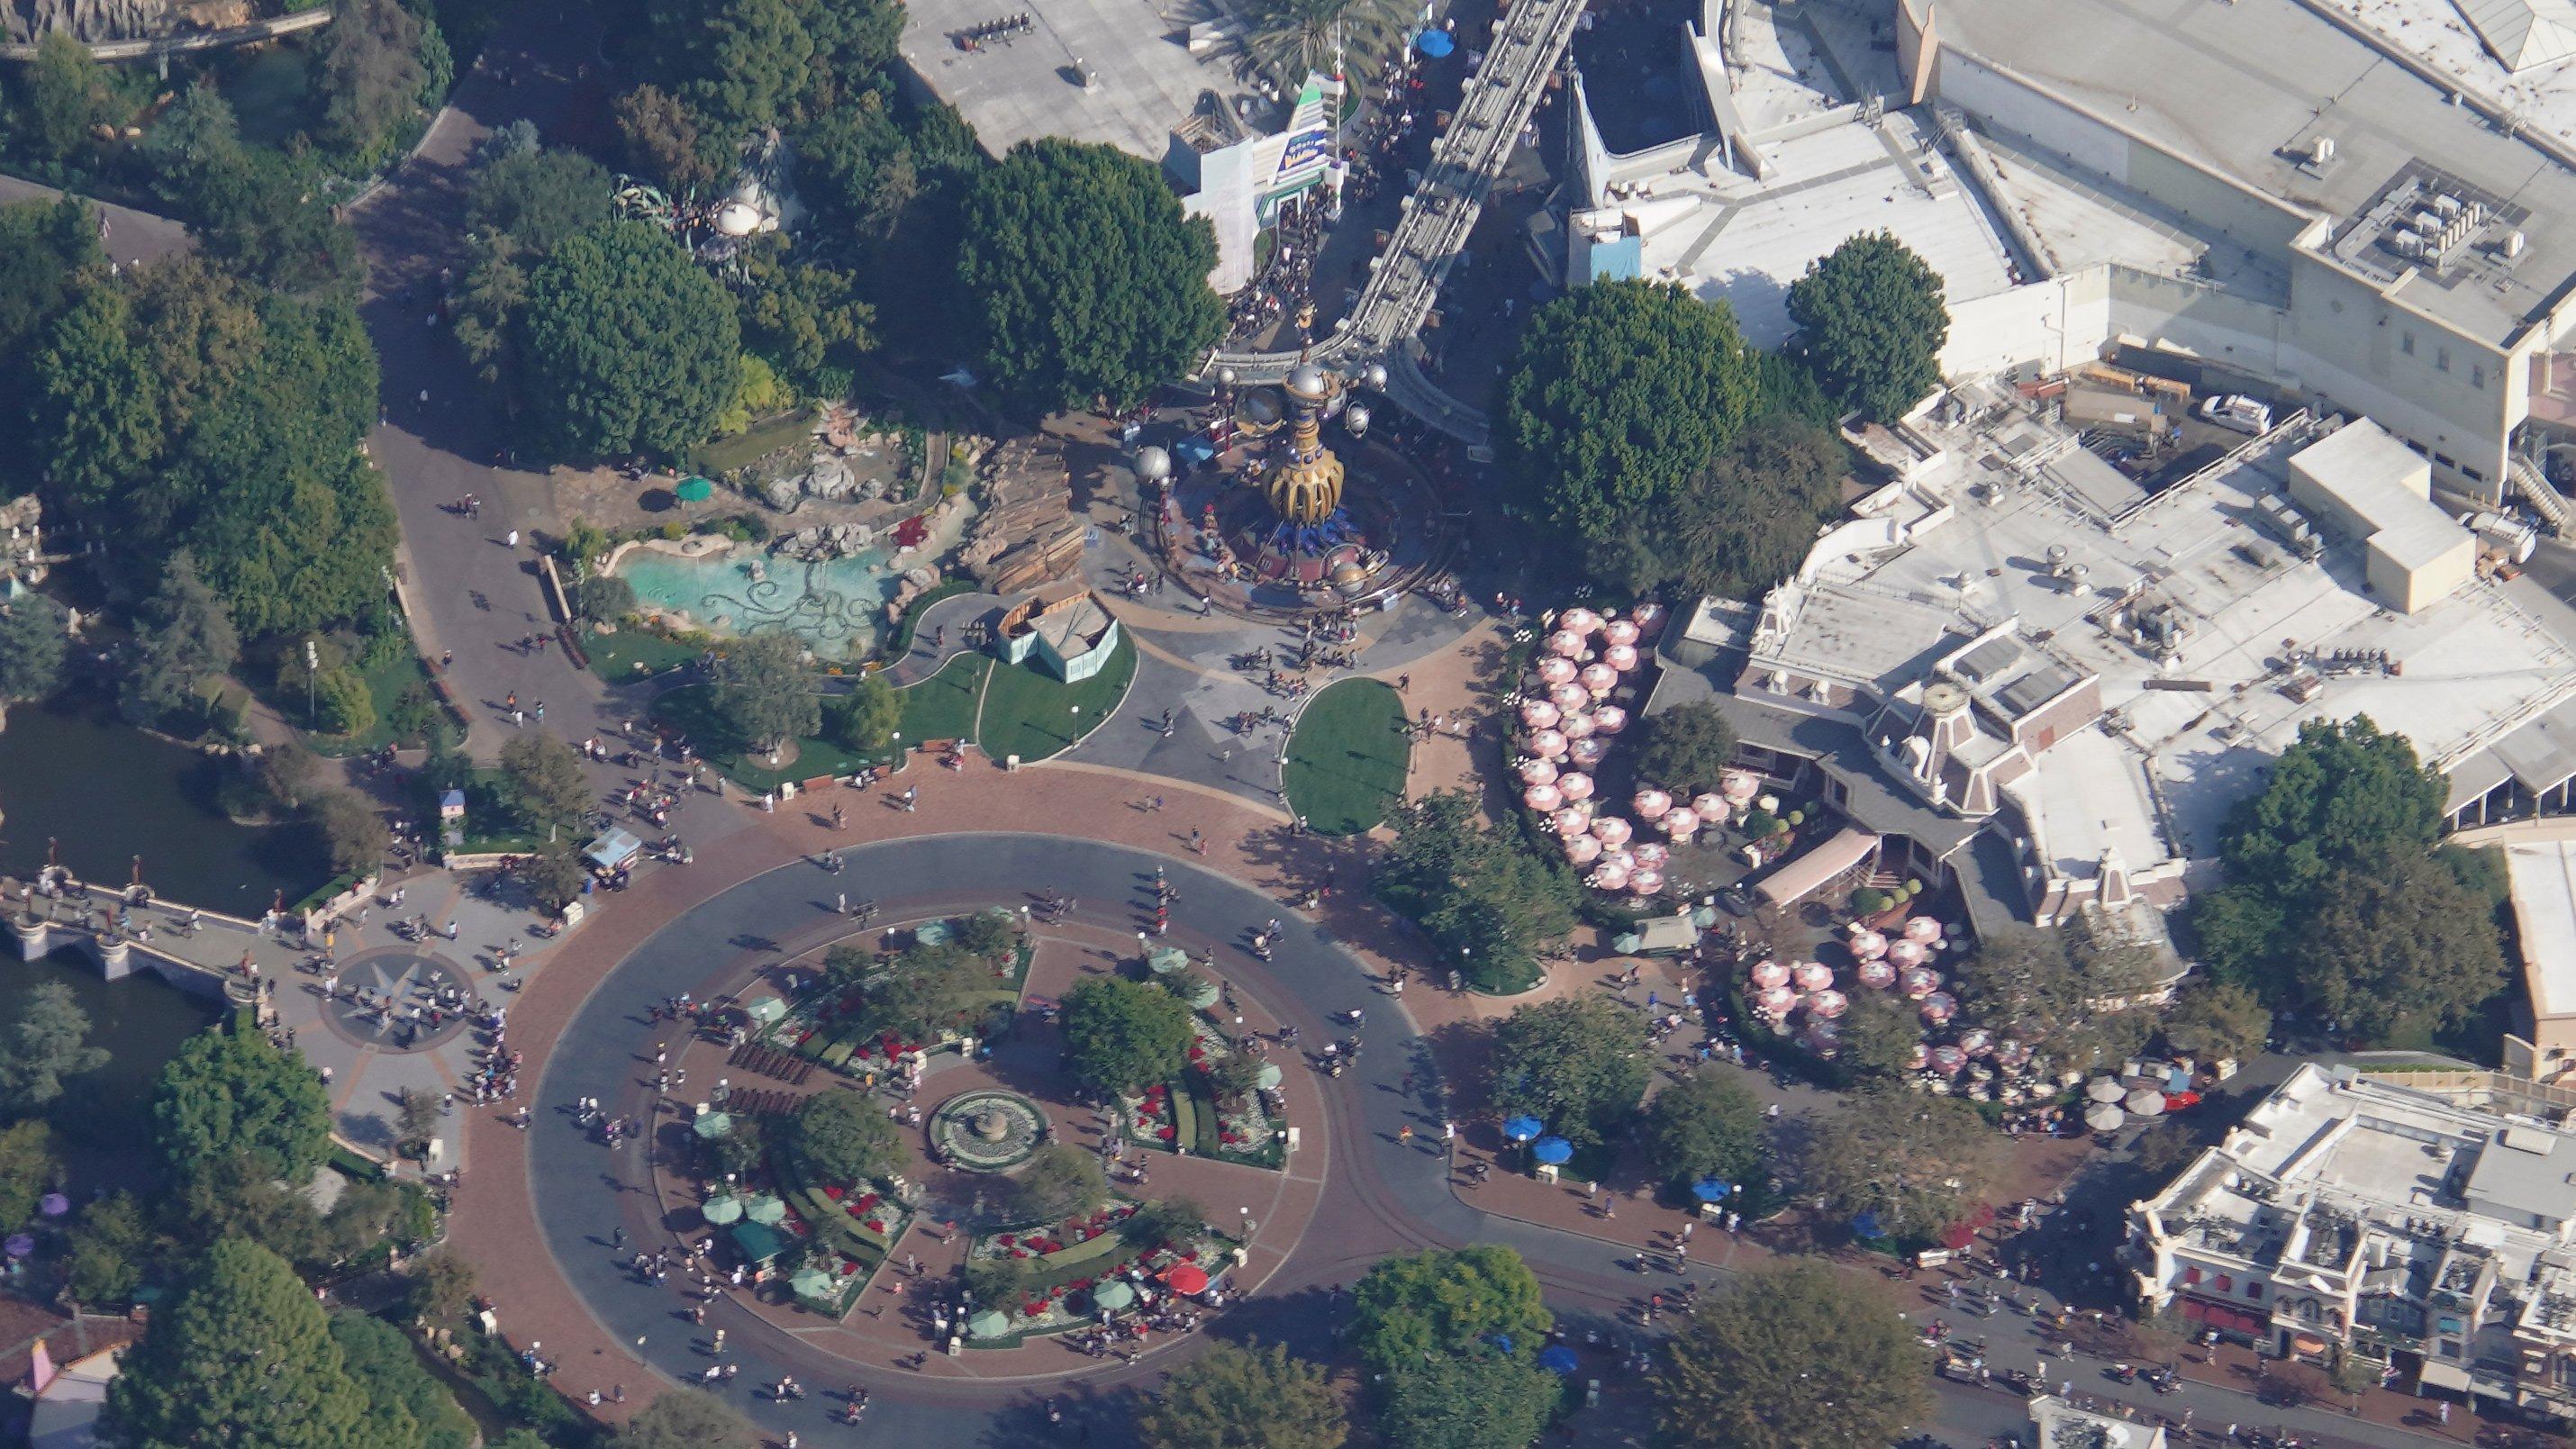 Disneyland Resort vu du ciel, des images sublimes! EJaOVwGU4AMfkgR?format=jpg&name=4096x4096